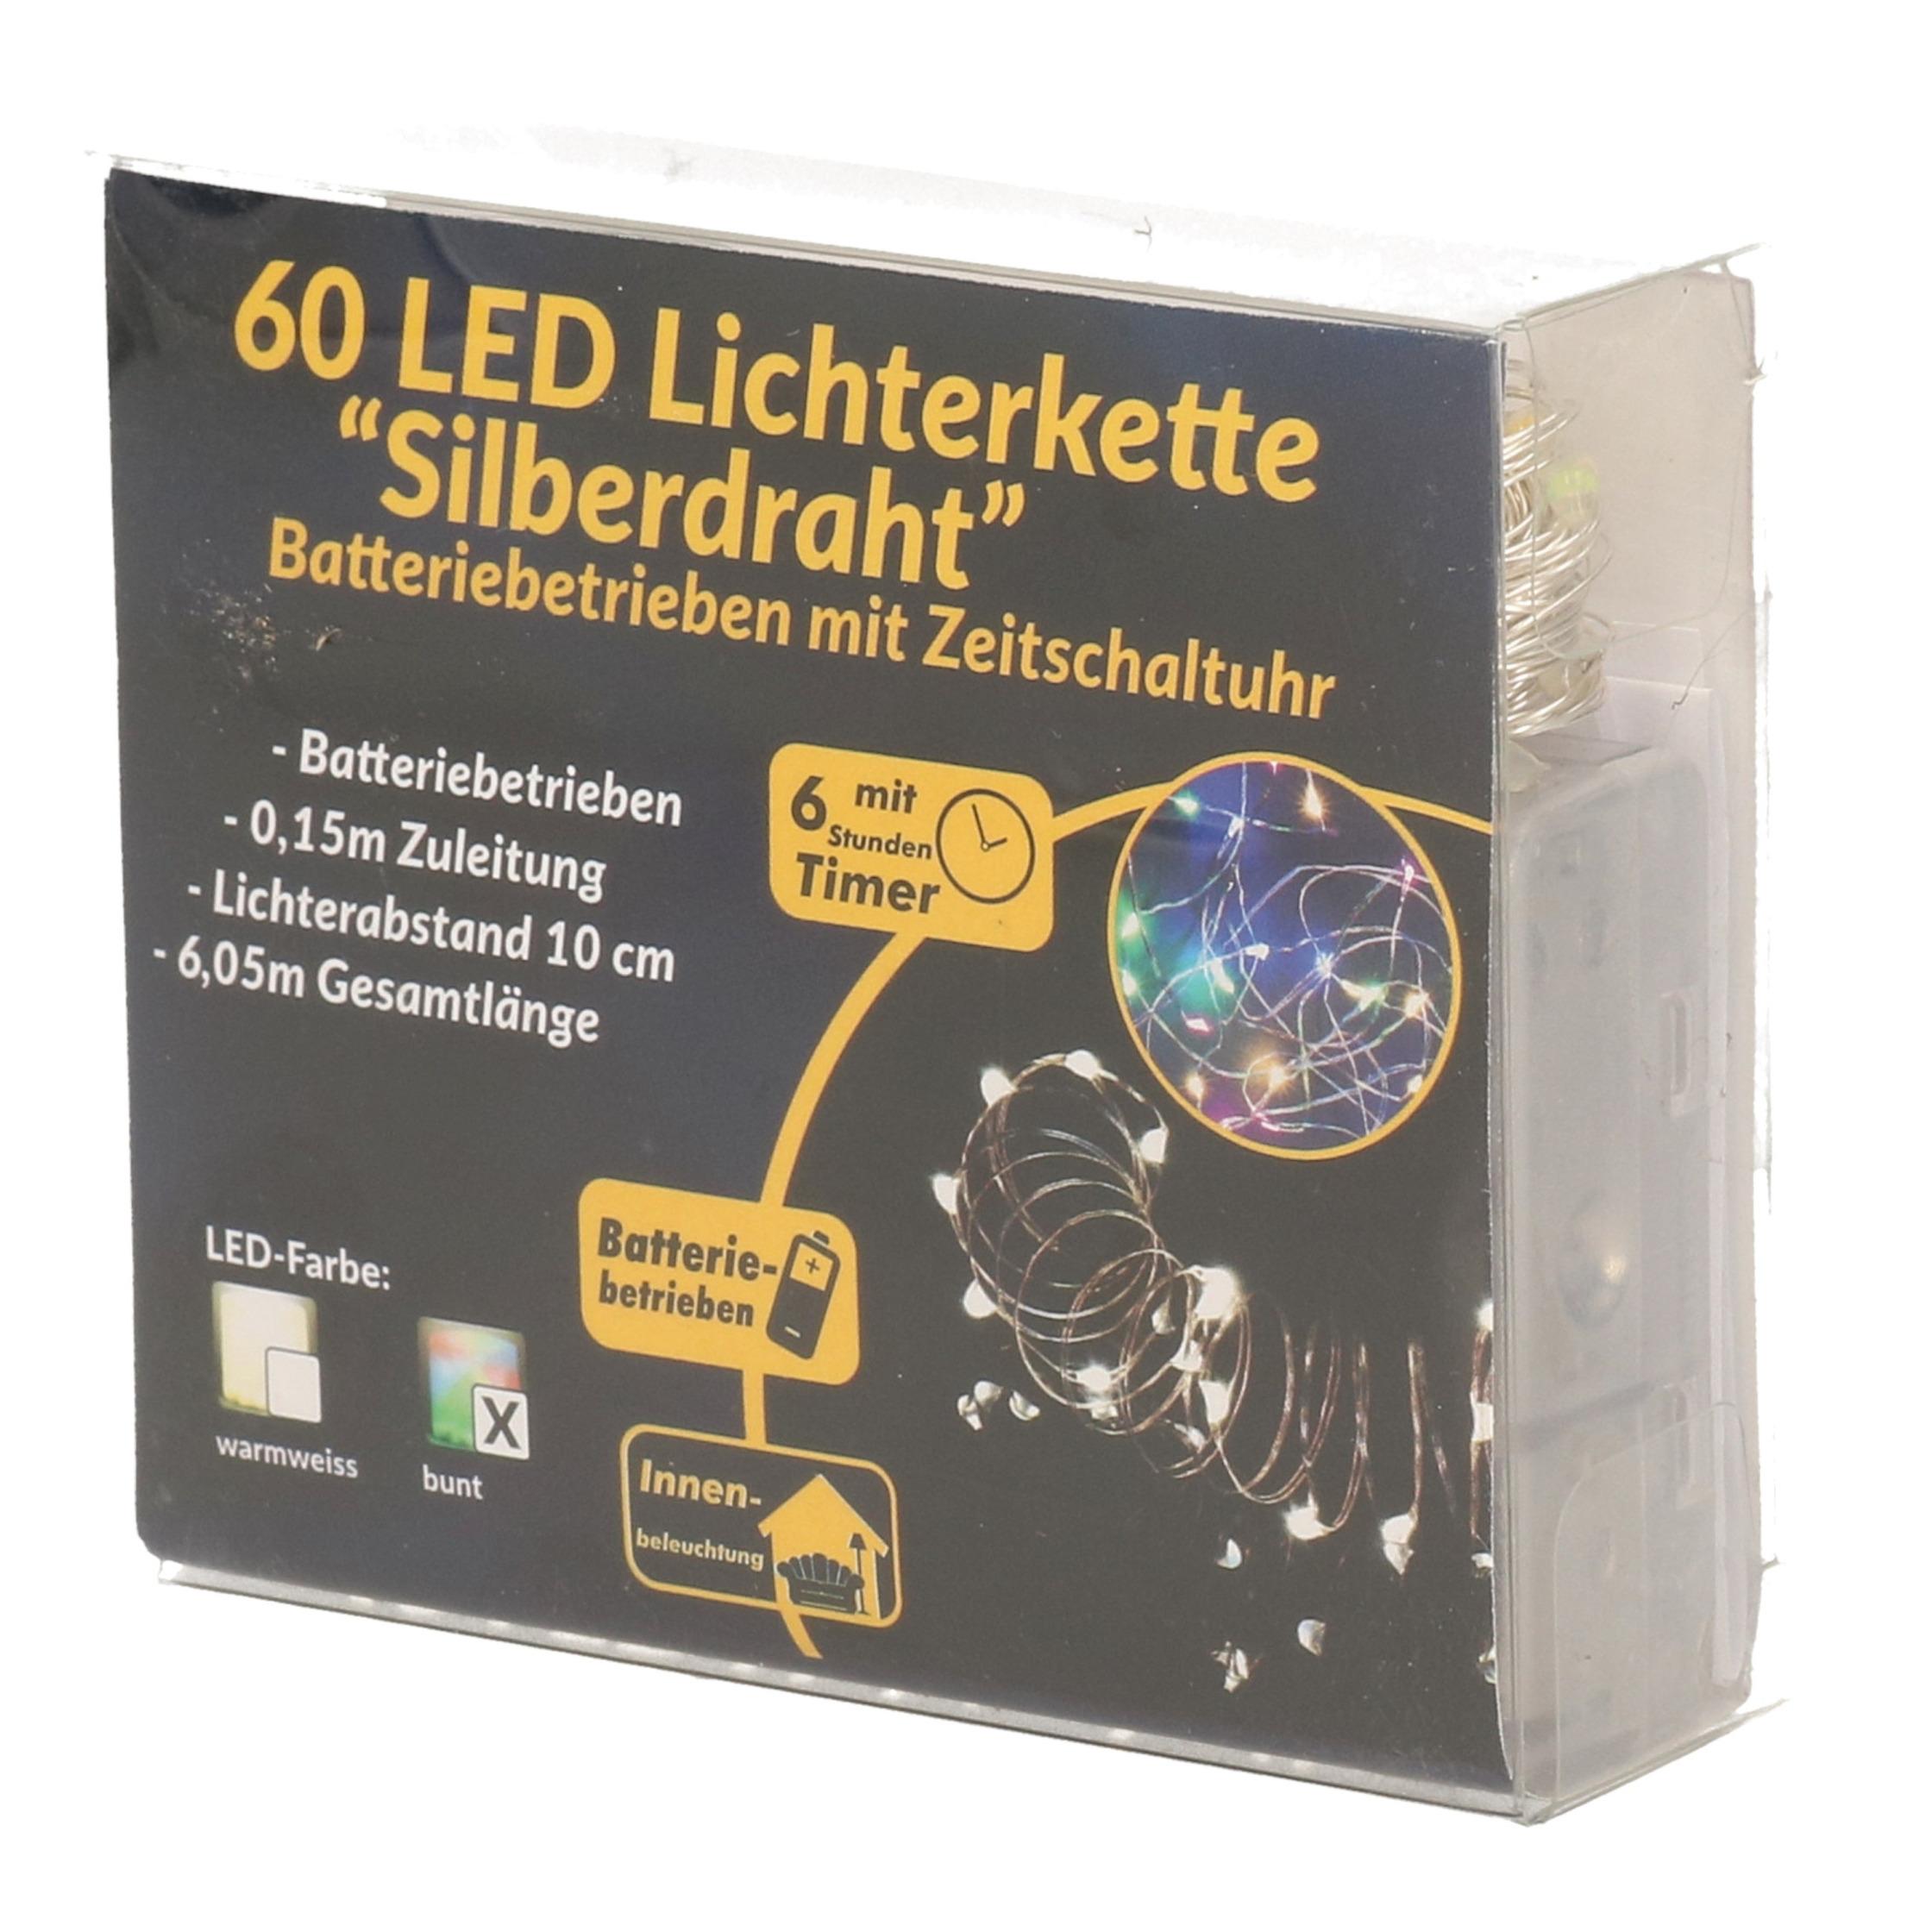 Draadverlichting zilver met gekleurde LED lampjes 6 meter op batterijen met timer